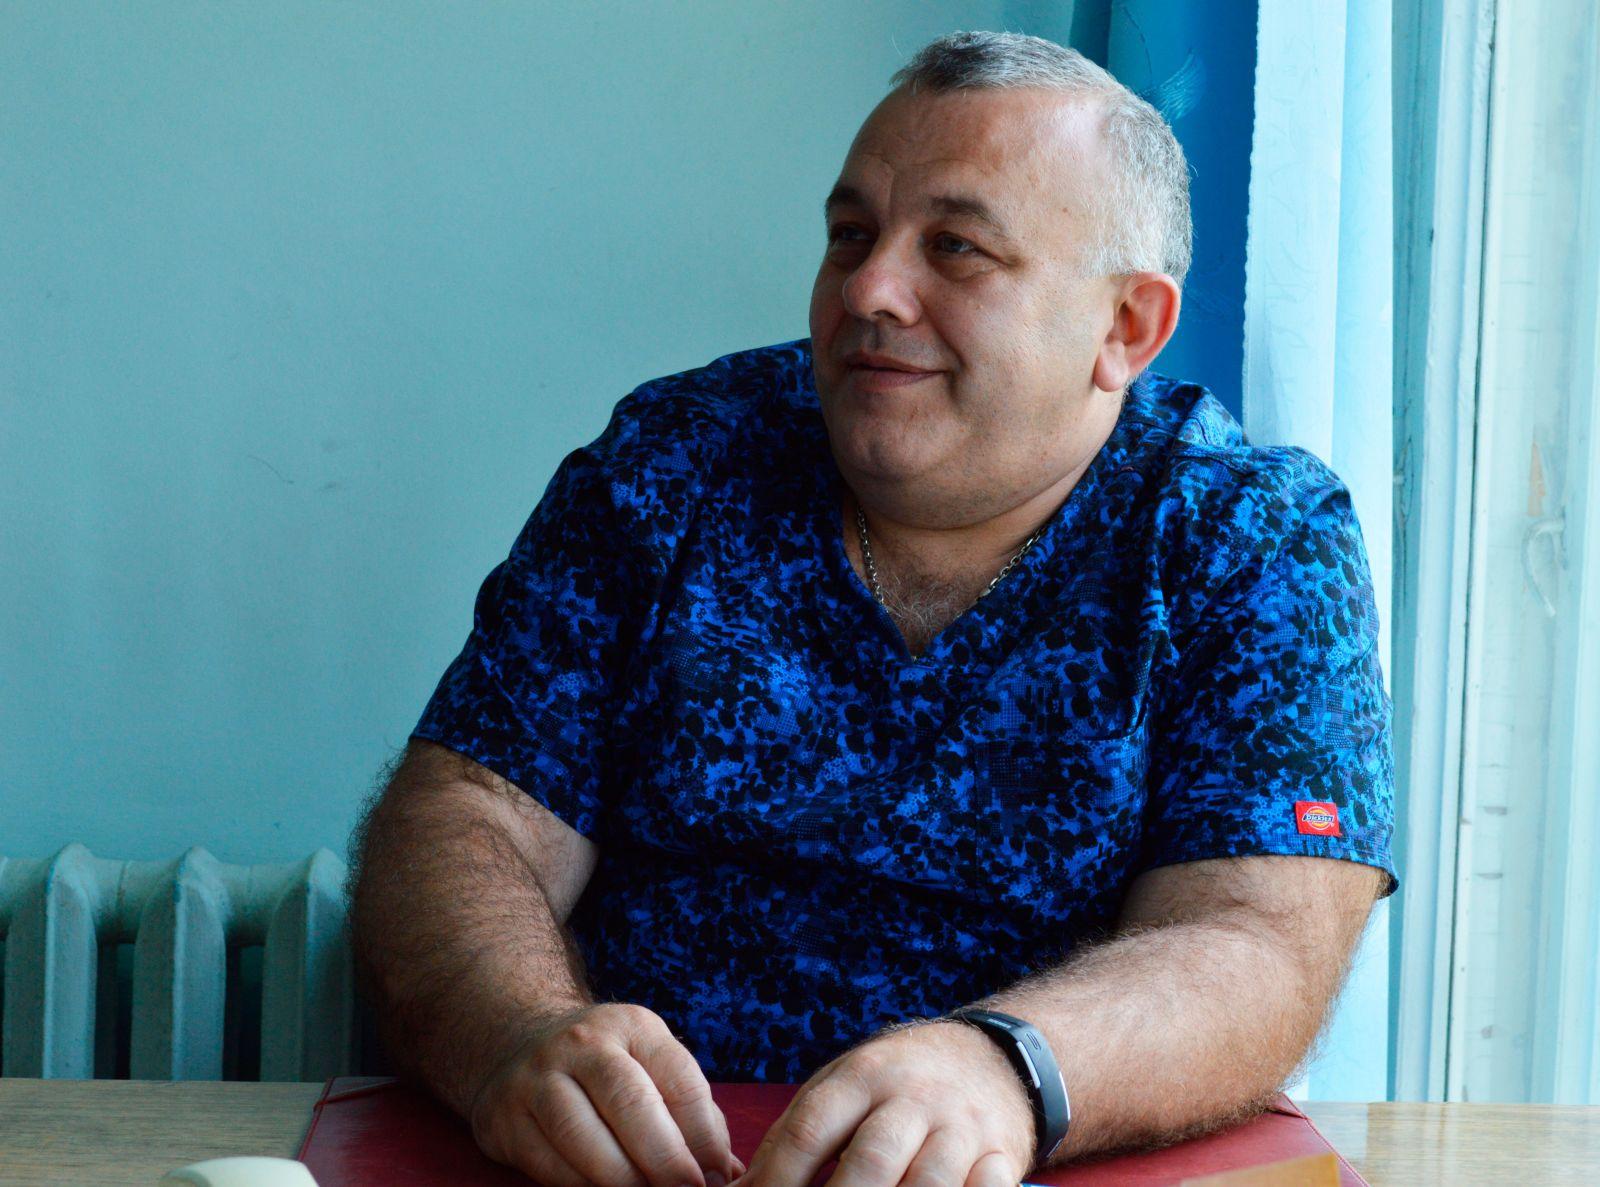 Кардиохирург Сергей Эстрин. Фото МедиаПорт